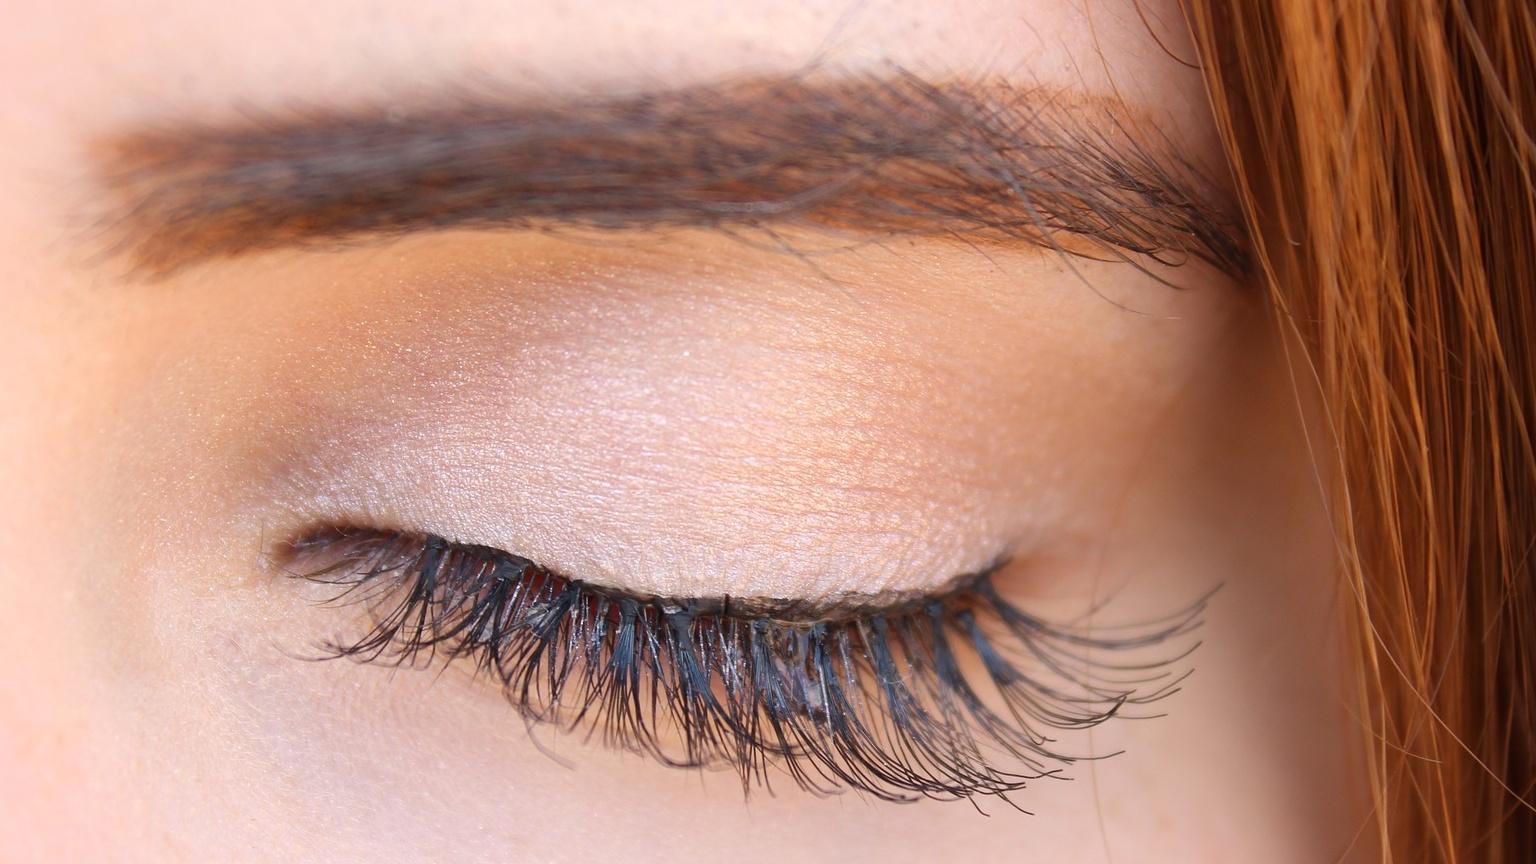 Wimpernwachstum anregen - so bekommen Sie dichtere Wimpern